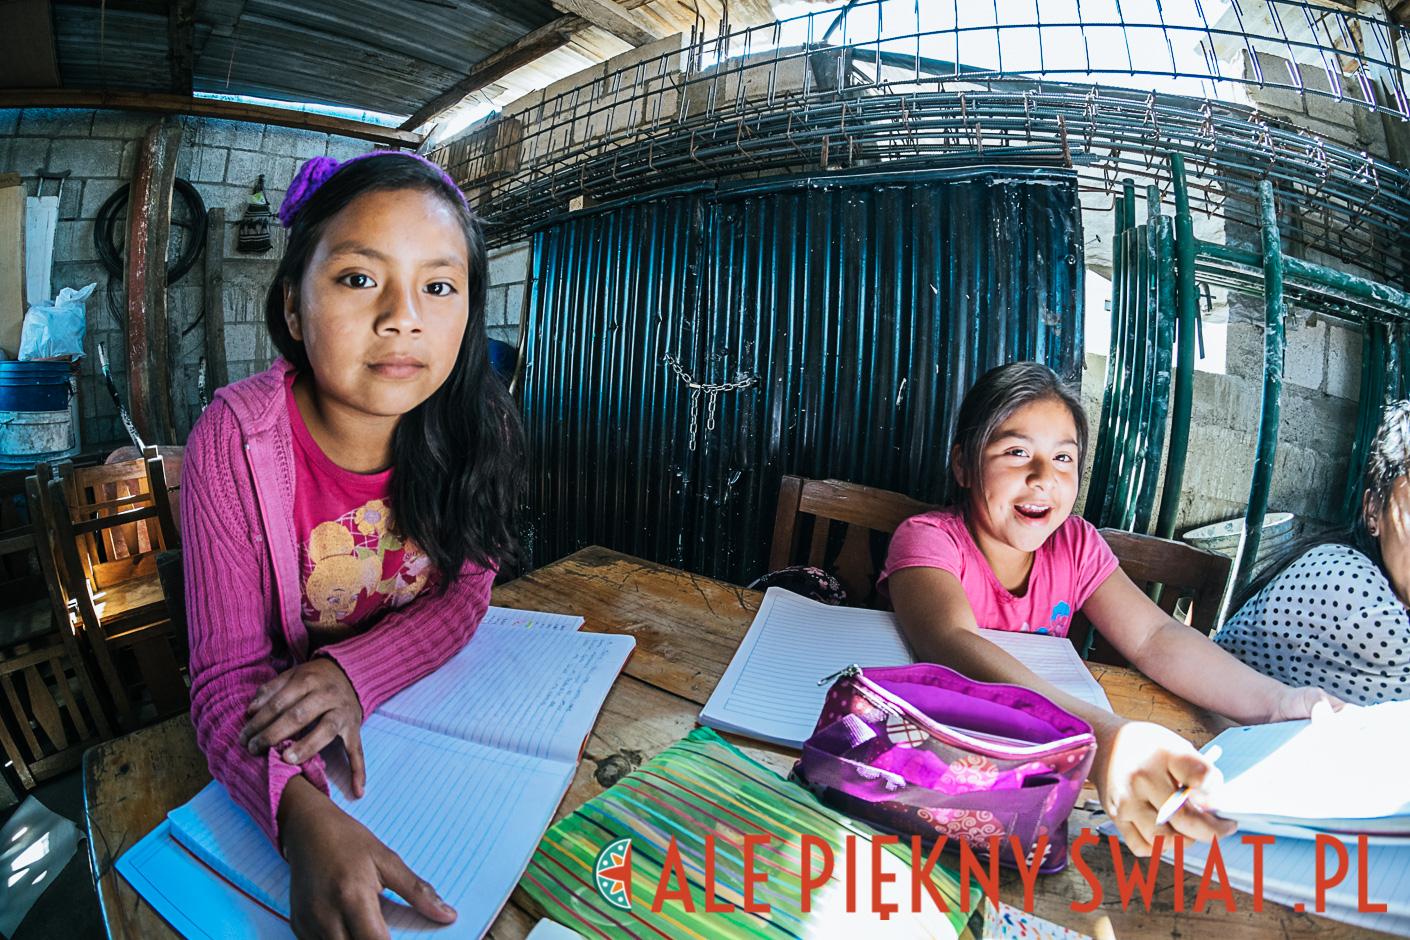 Zajęcia w fundacji Nuevo Amanecer. W Gwatemali Majowie mają trudności z nauką, zajęcia wyrównawcze mają pomóc dziecom w szkole